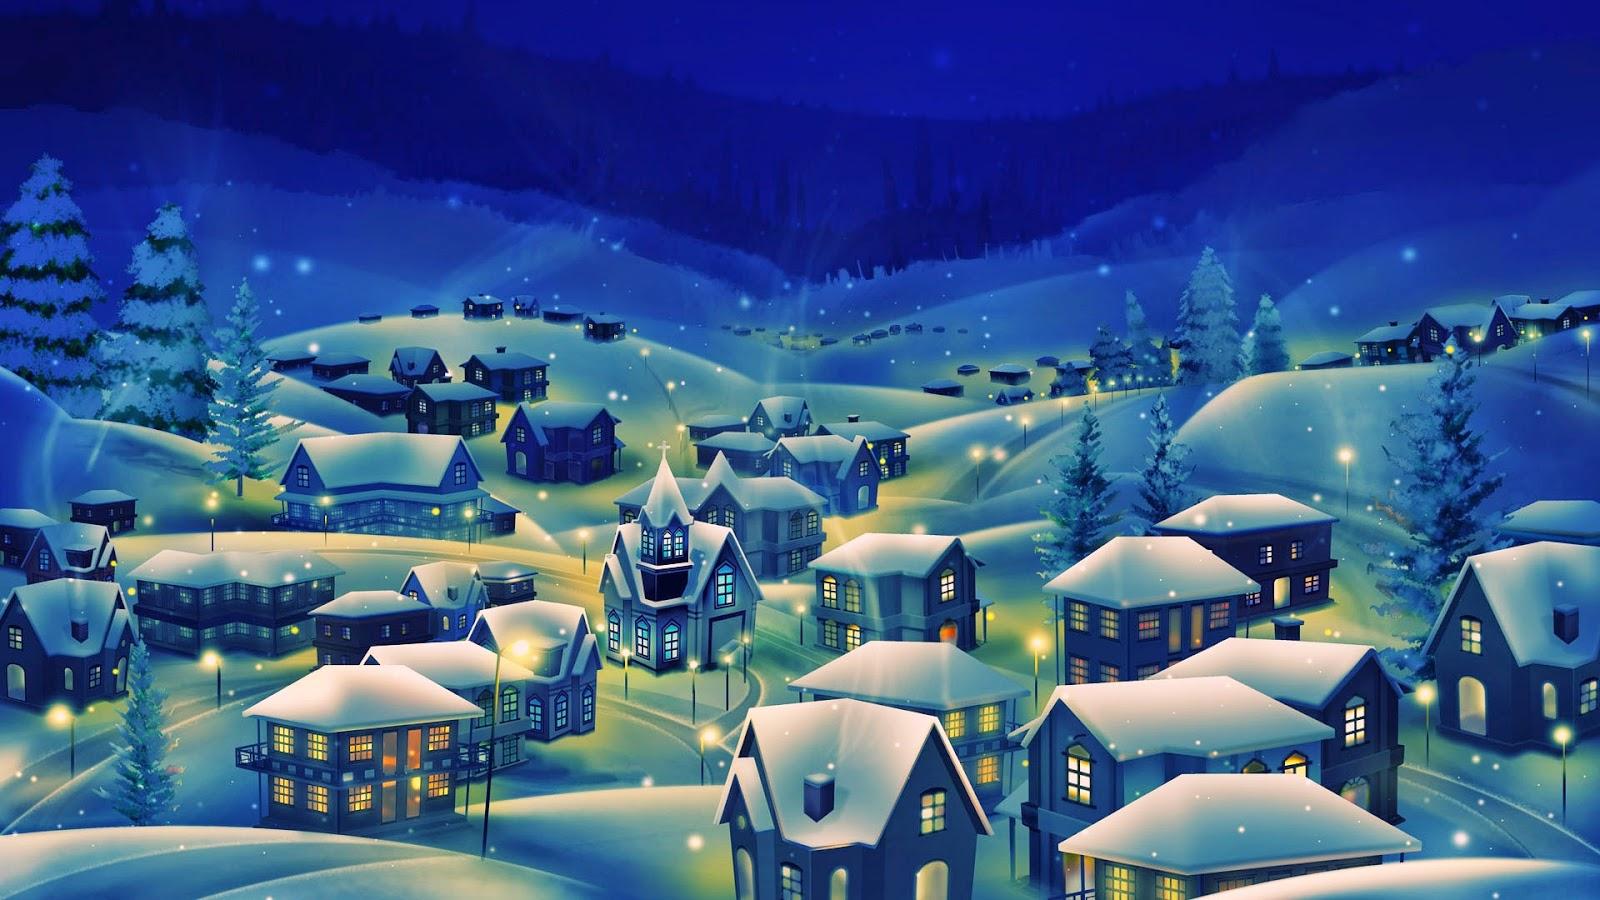 Winterdorp midden in de nacht met lichtjes en sneeuw